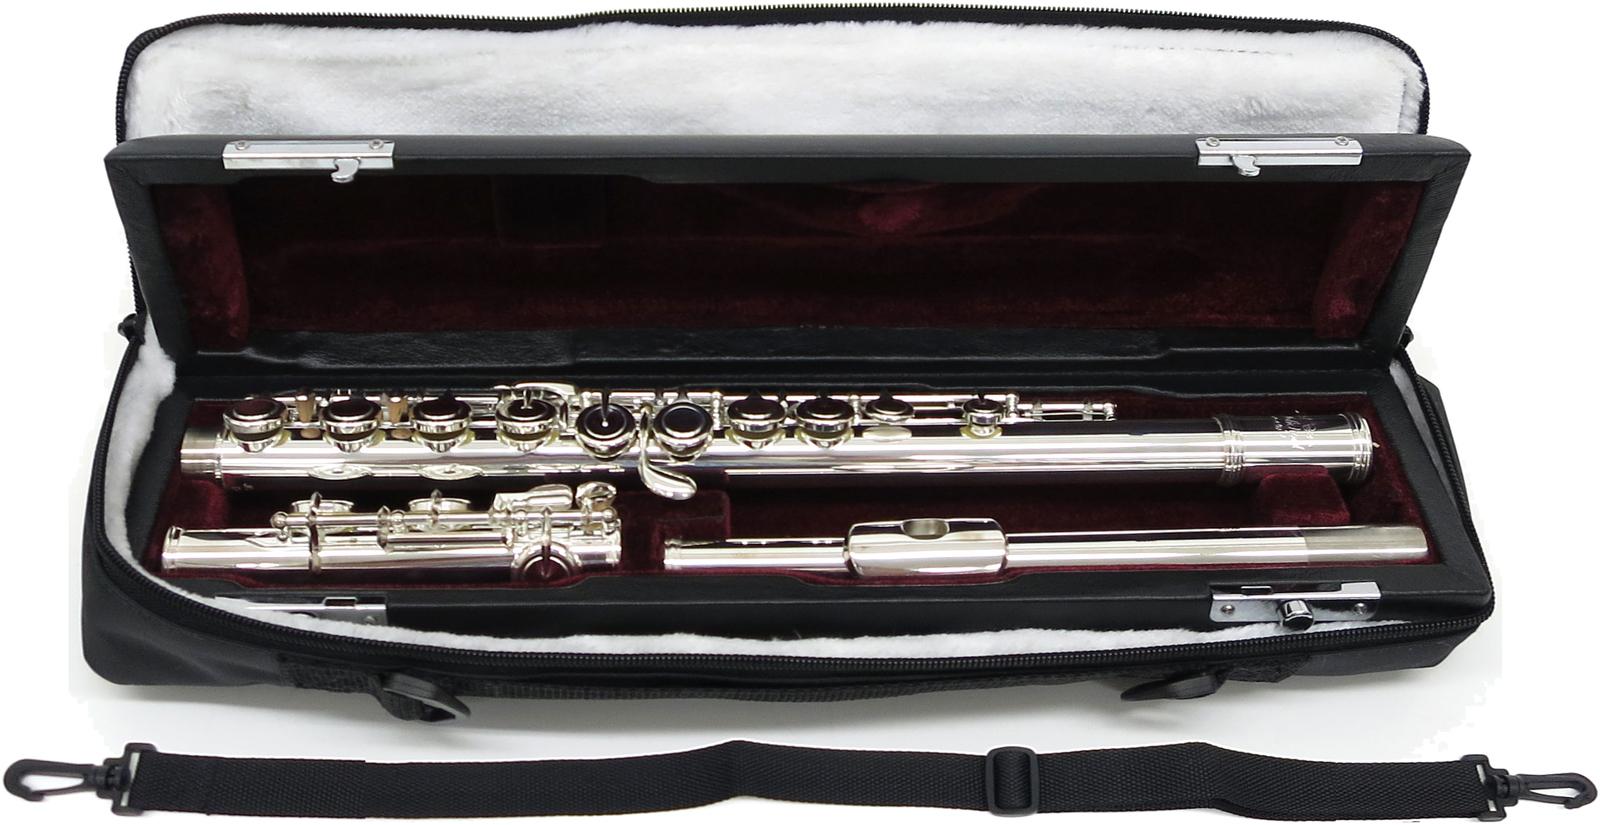 J Michael ( Jマイケル ) JFL-50CE アウトレット 新品 フルート リッププレート 銀製 カバードキイ Eメカニズム付き 本体 銀メッキ 木管楽器 JFL50CE flute 送料無料